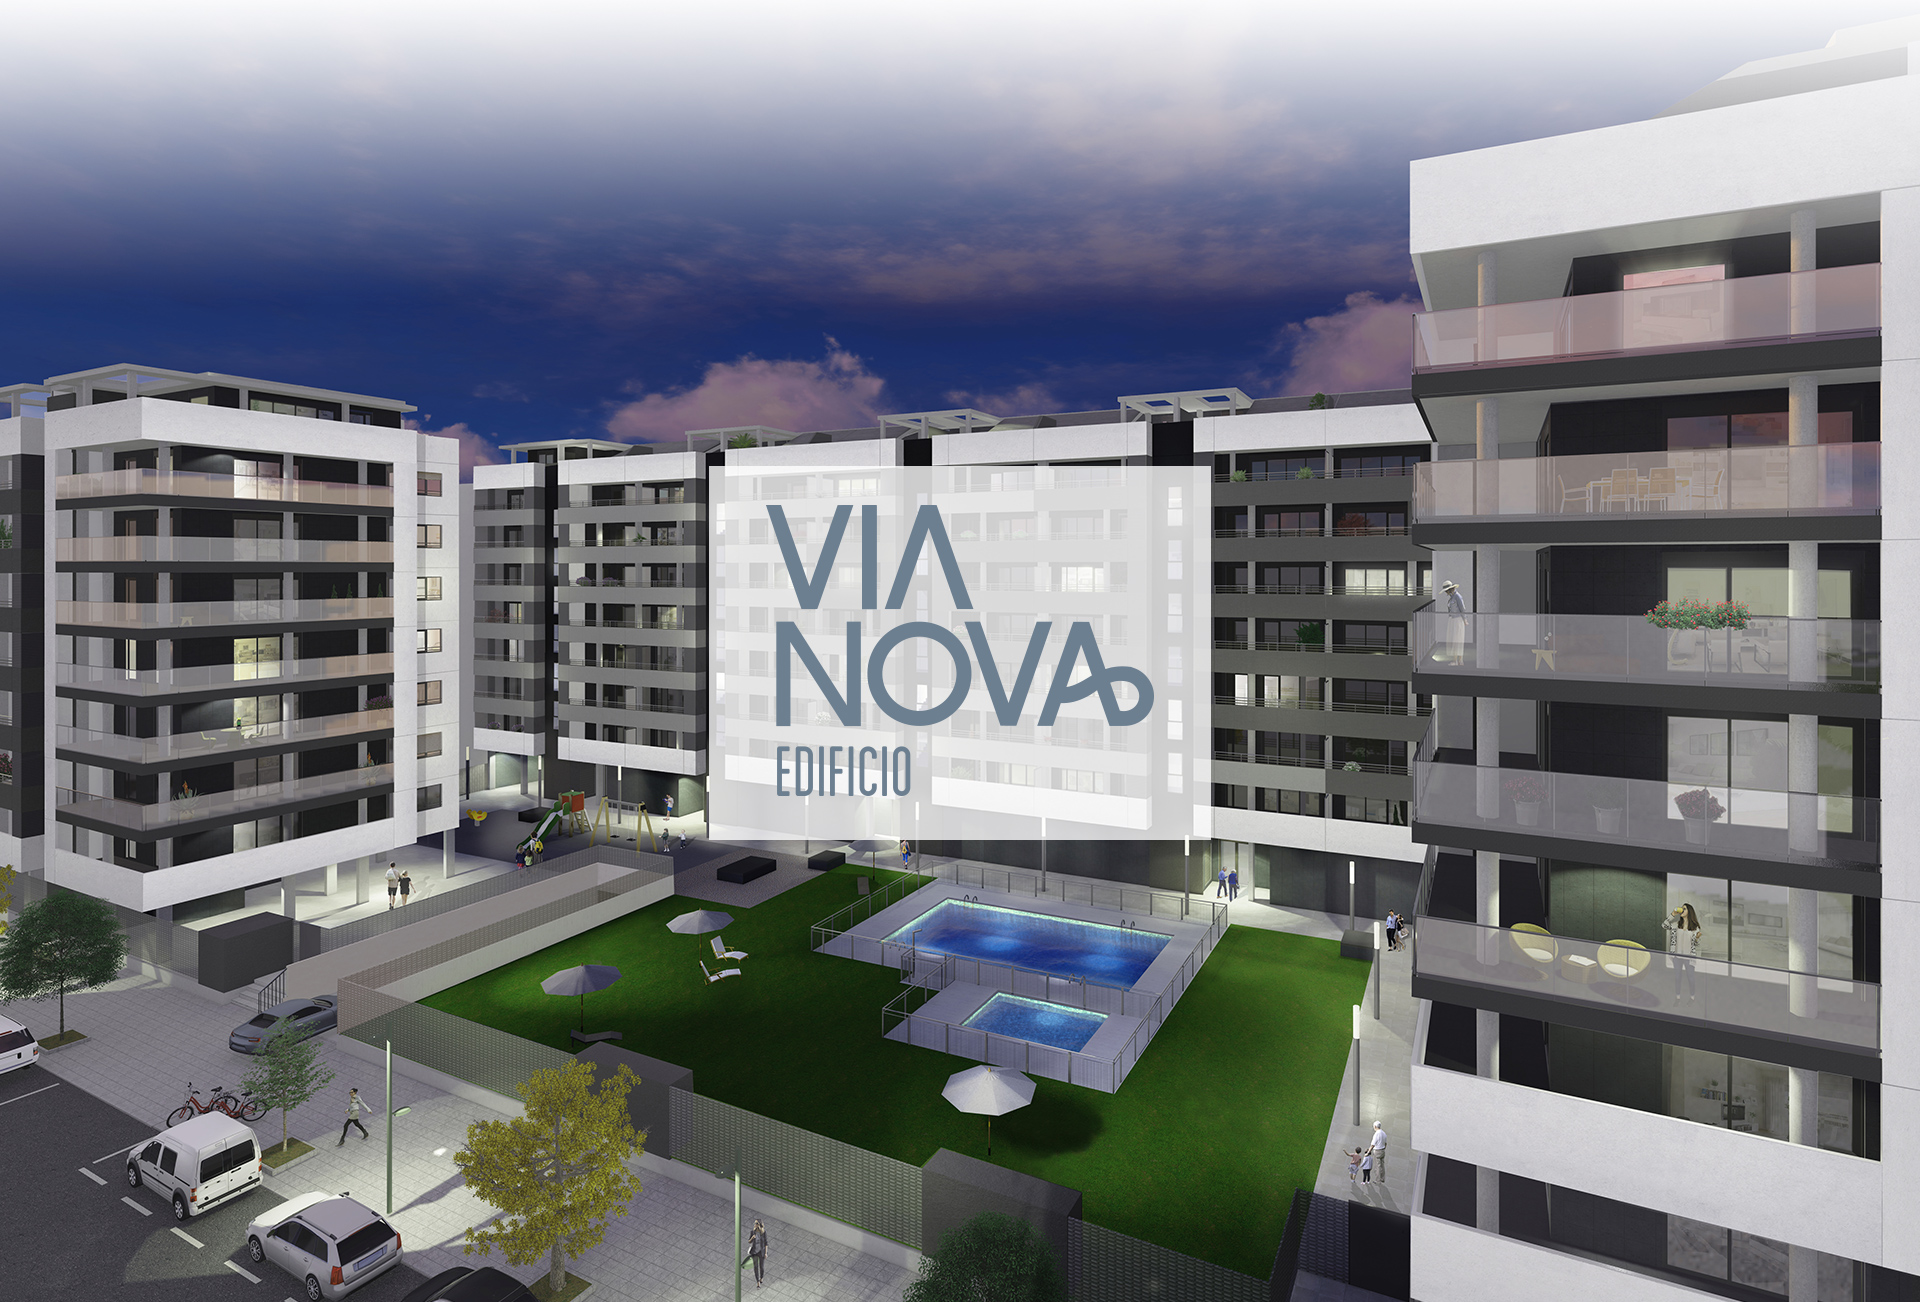 Vía Nova viviendas obra nueva Smart Home